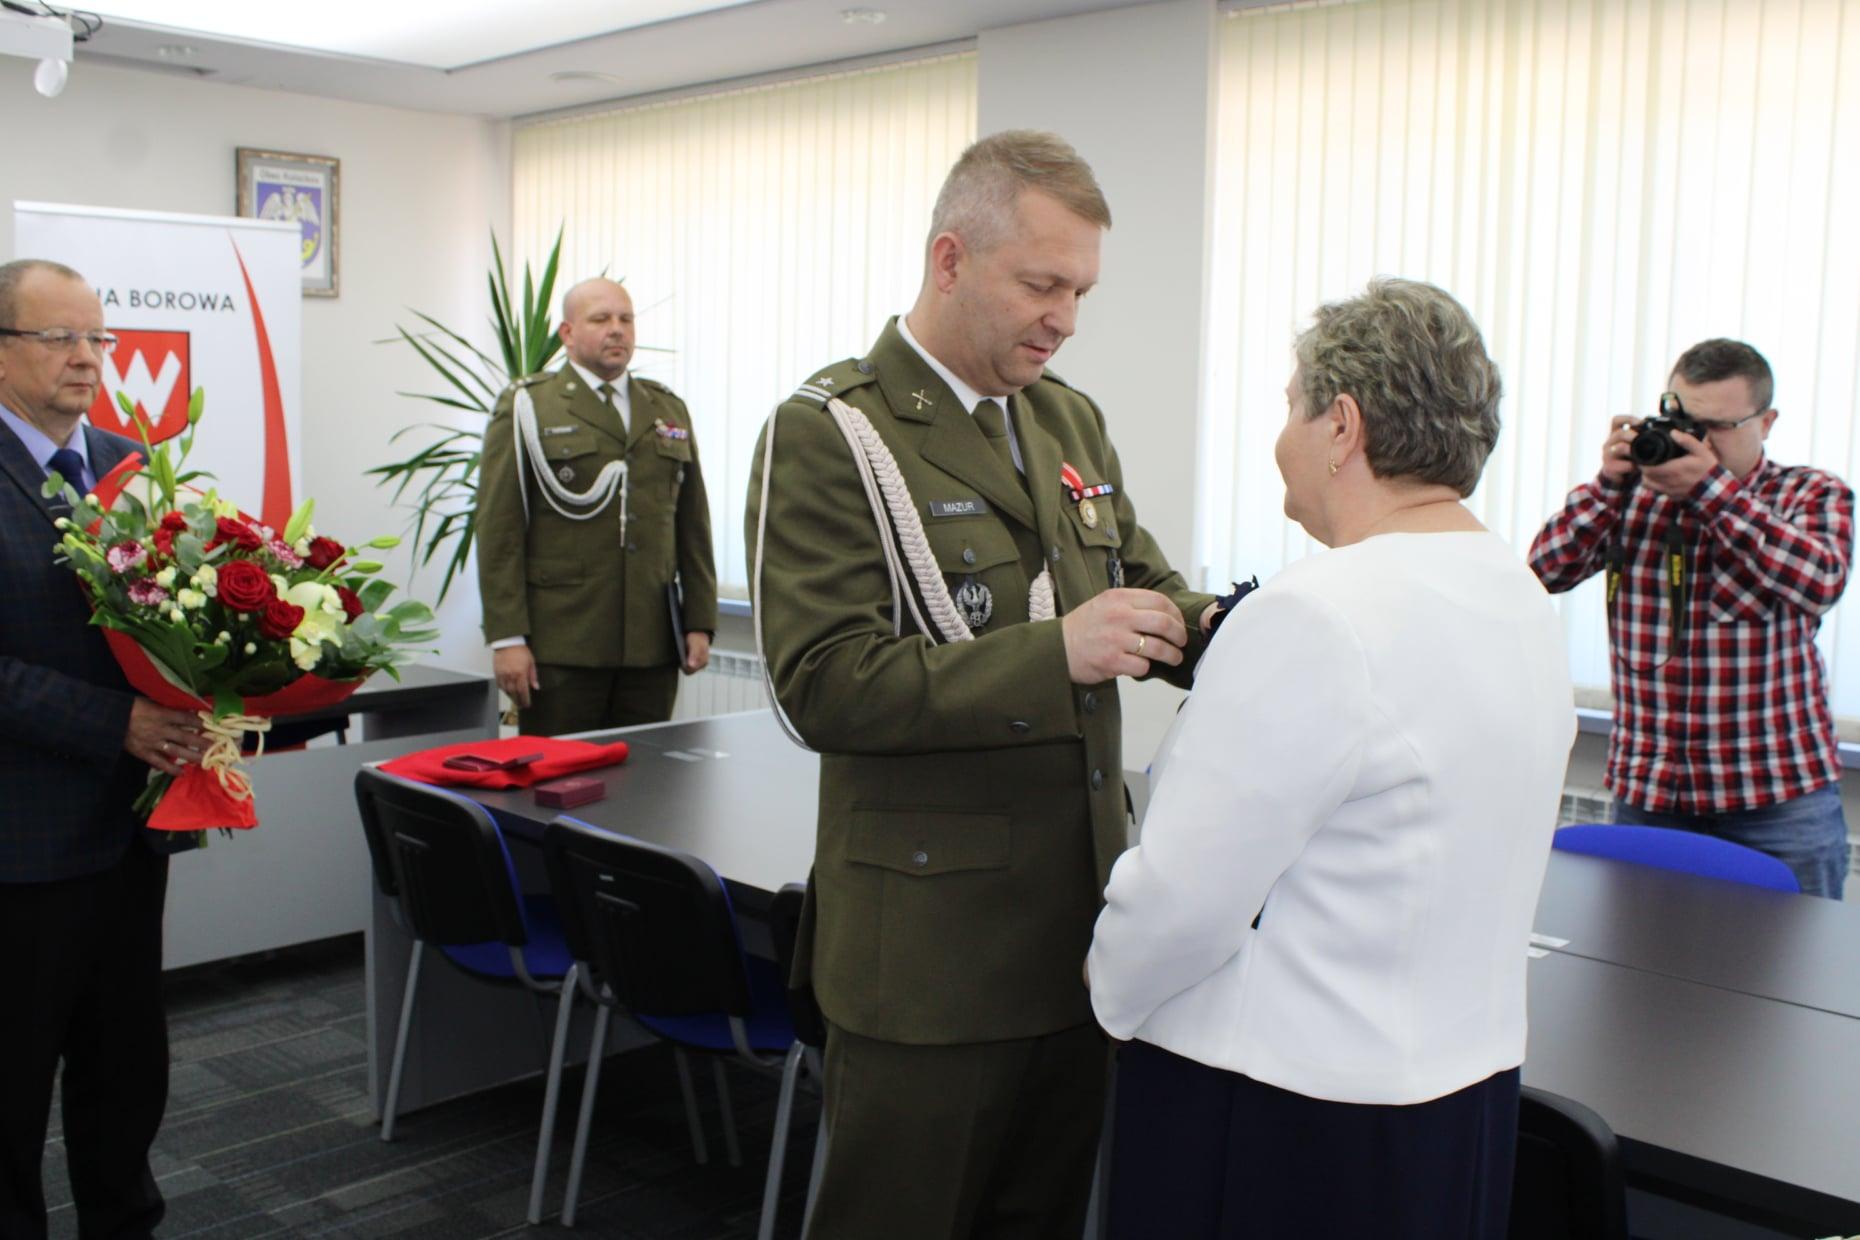 Medale Ministra Obrony Narodowej w Borowej. Odznaczenia dla mieszkańców - Zdjęcie główne